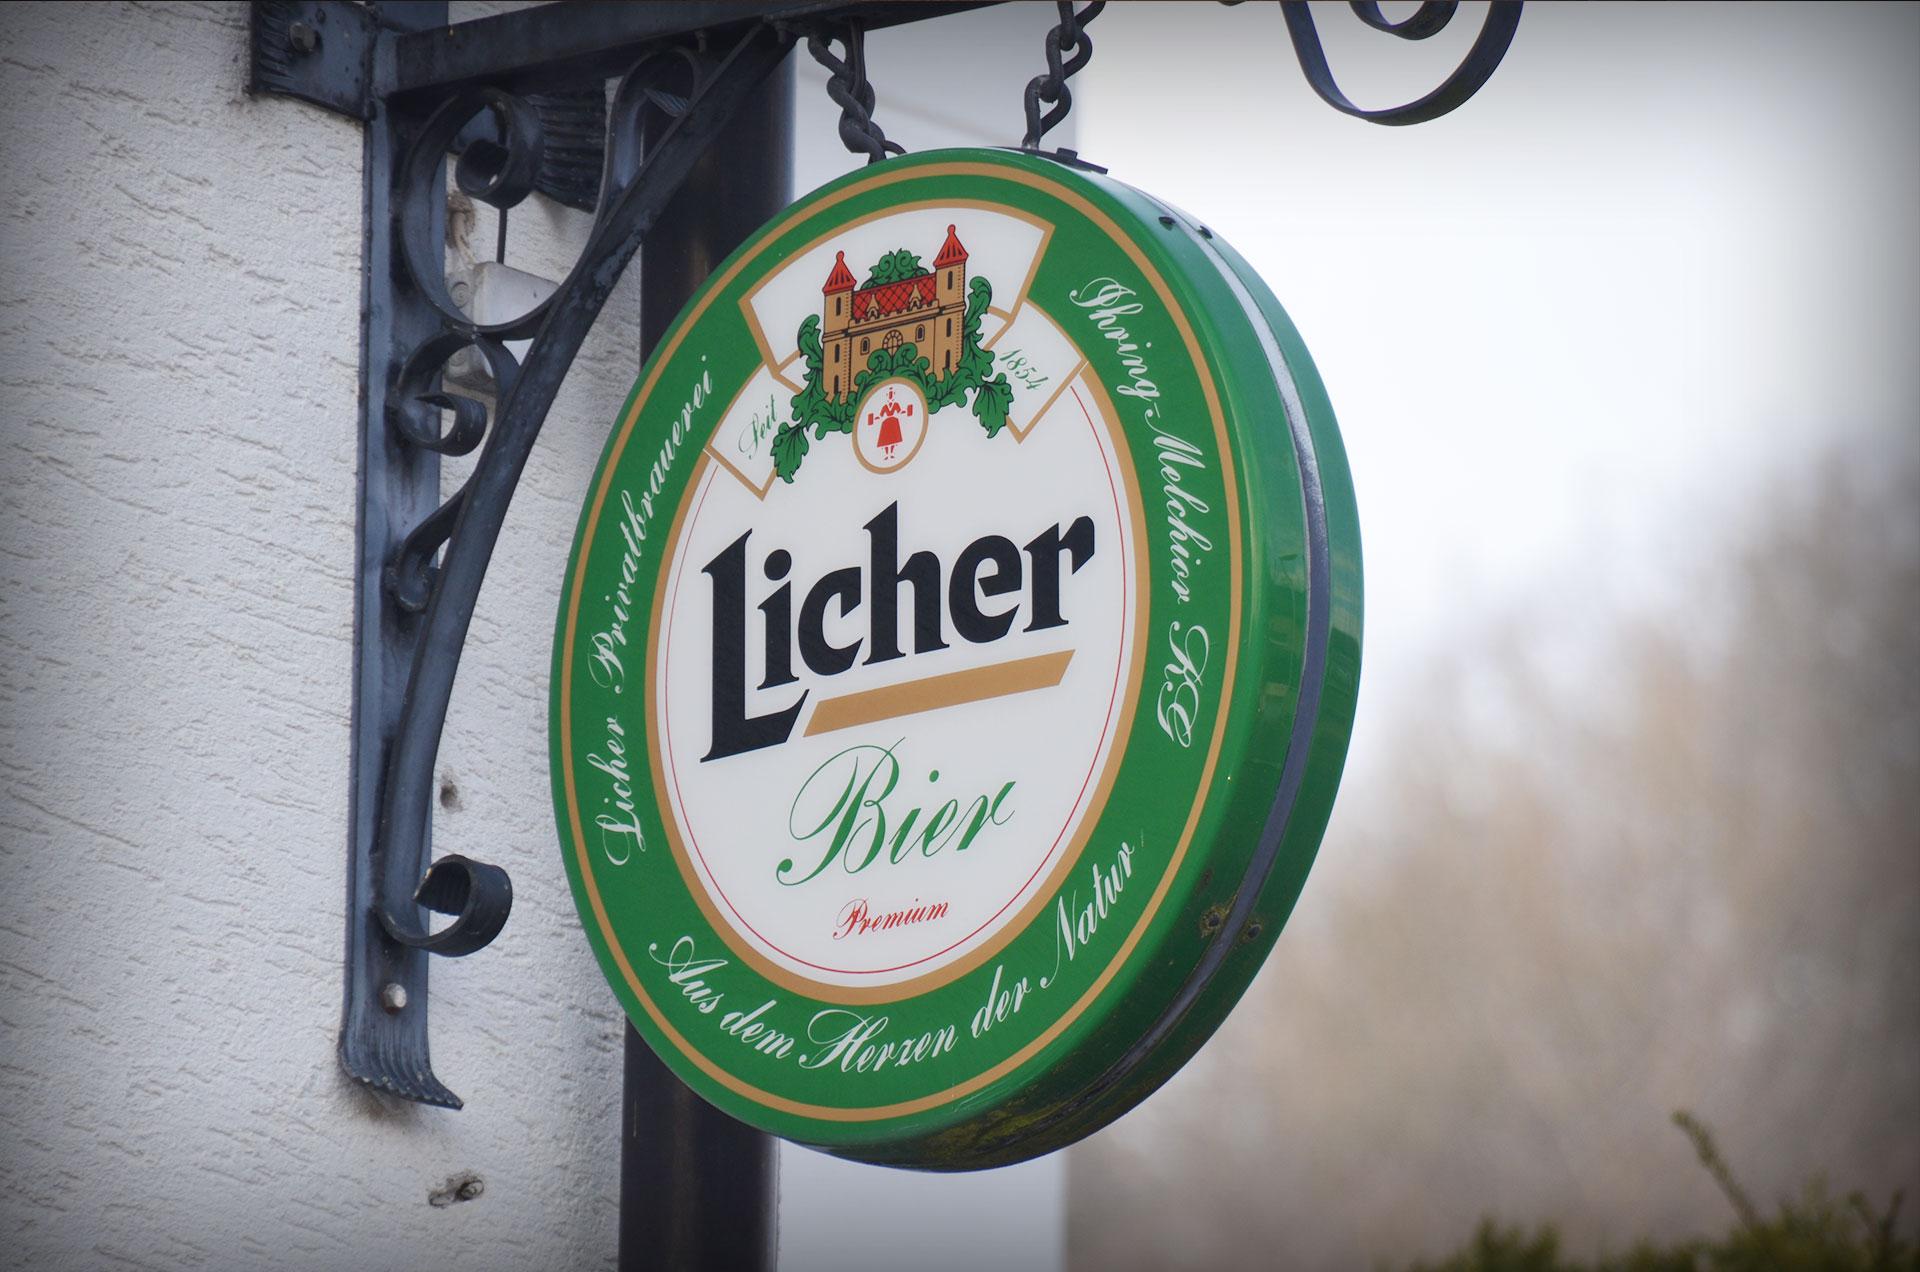 Gasthof-Kanzelstein-Licher